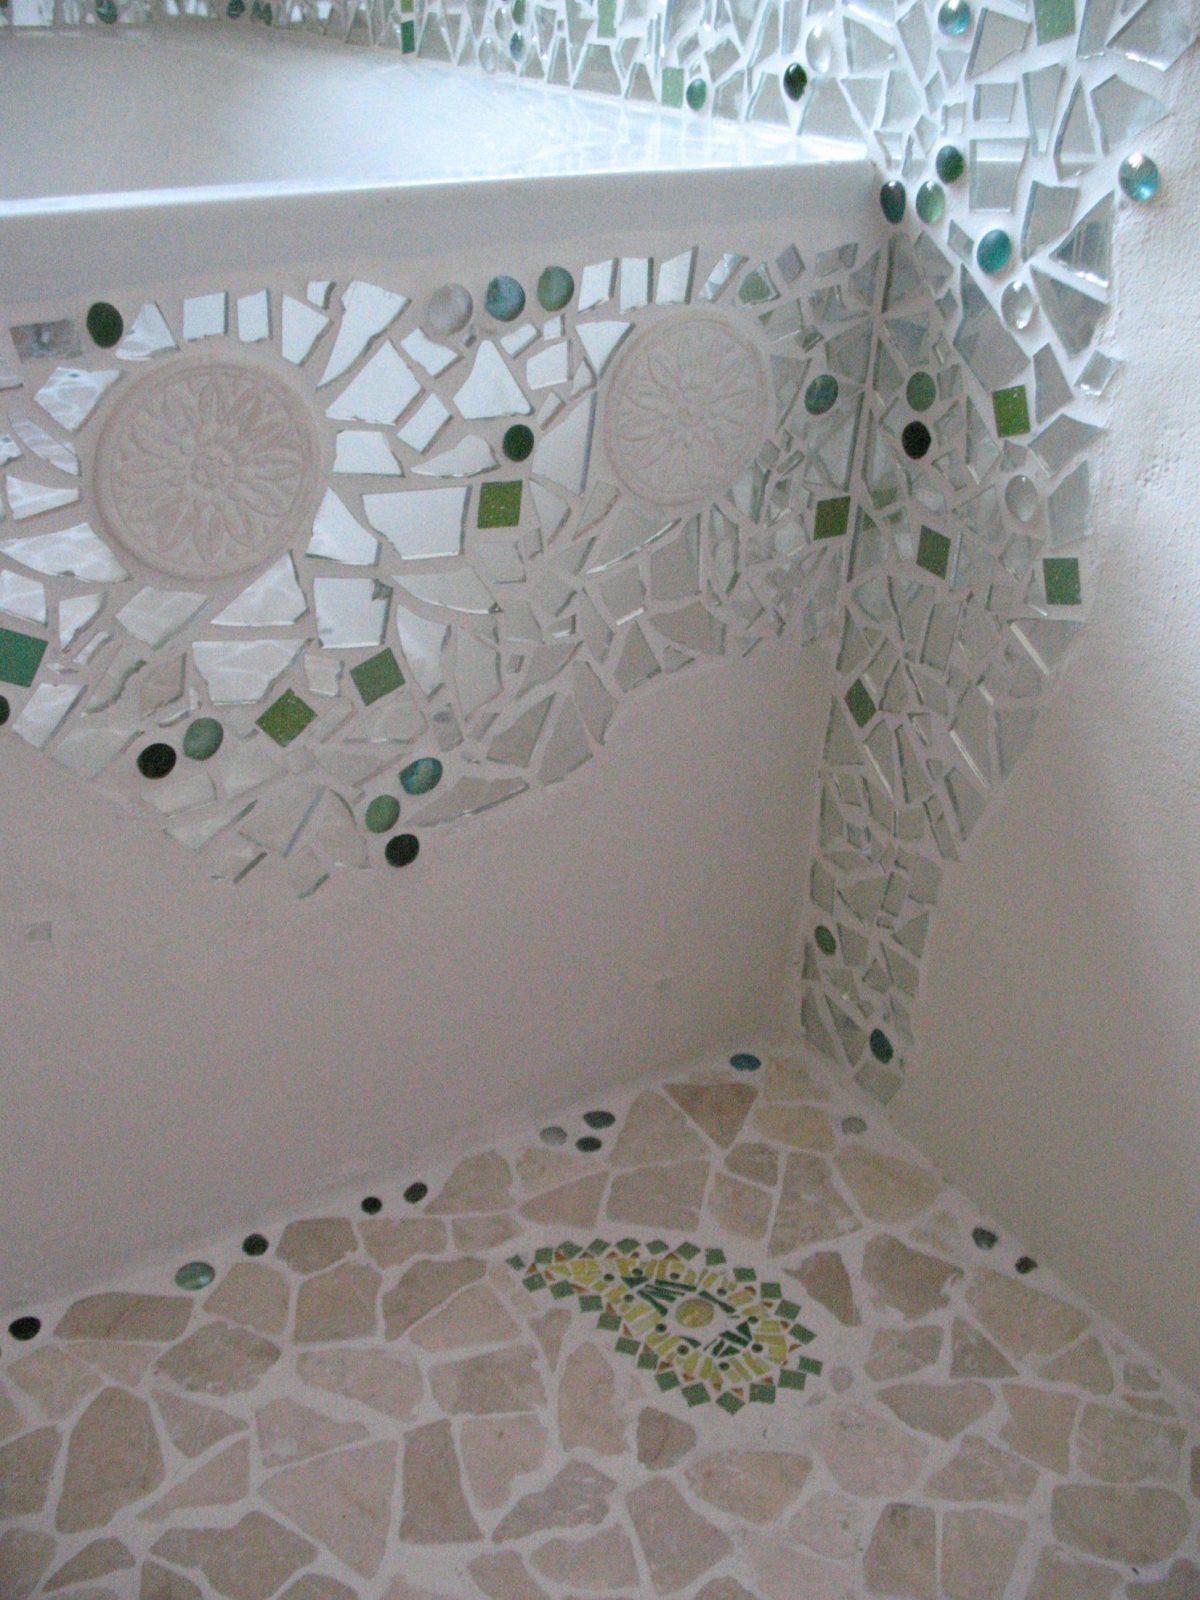 Gallery Of Mosaik Im Garten Badezimmer Renovieren Selber Machen Avec von Mosaik Im Garten Selber Machen Bild